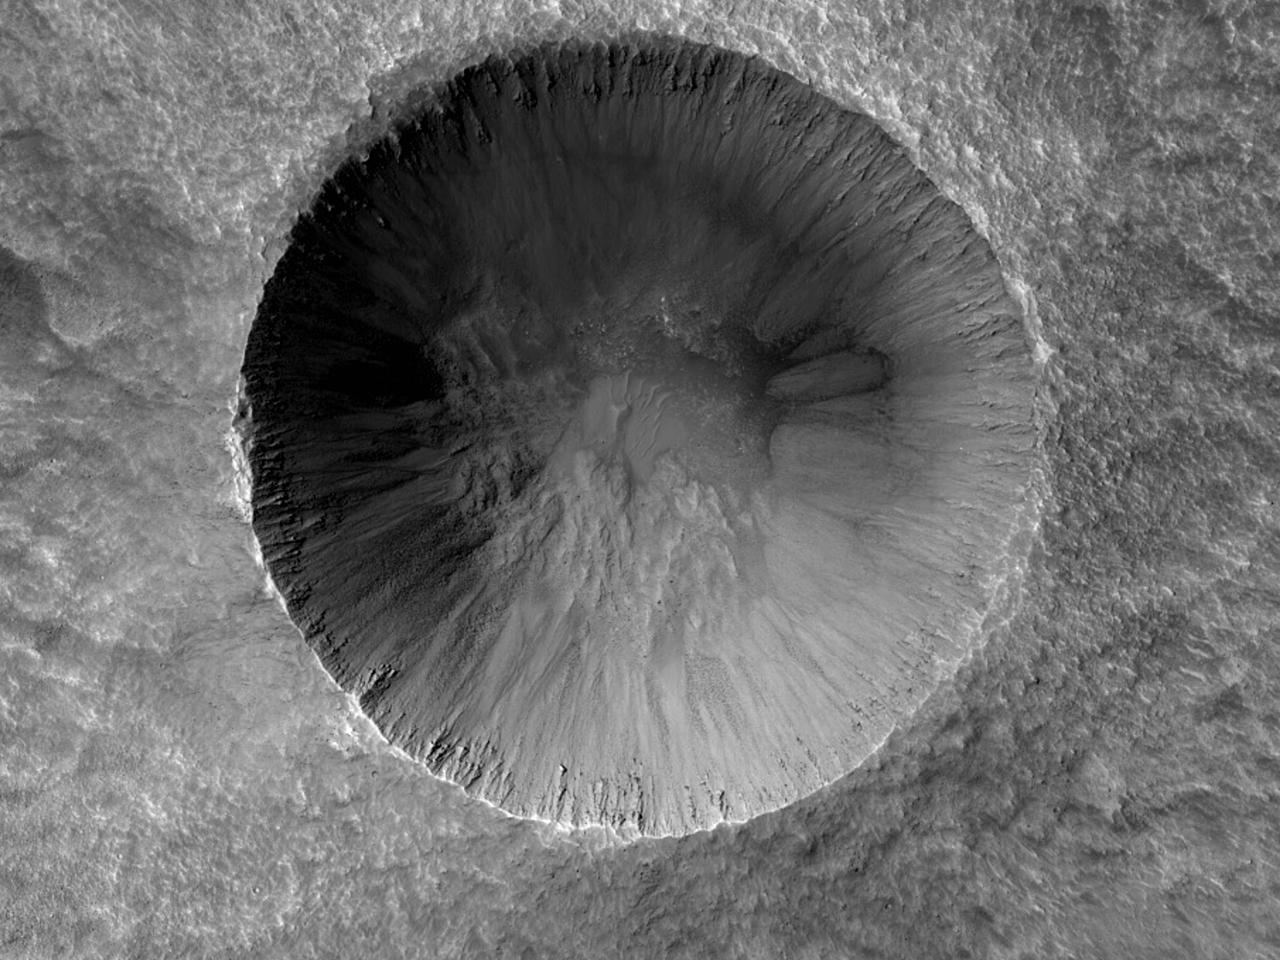 Кратер и длинные отметины на равнине Chryse Planitia